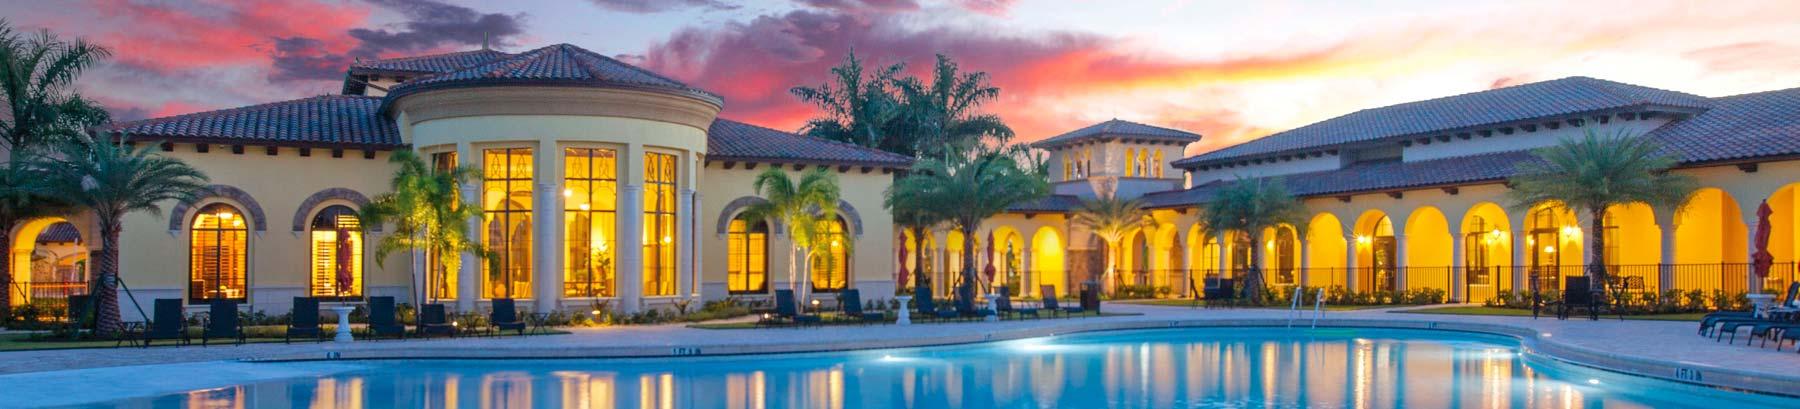 New Home Communities in Venice and Englewood FL | Wellen Park